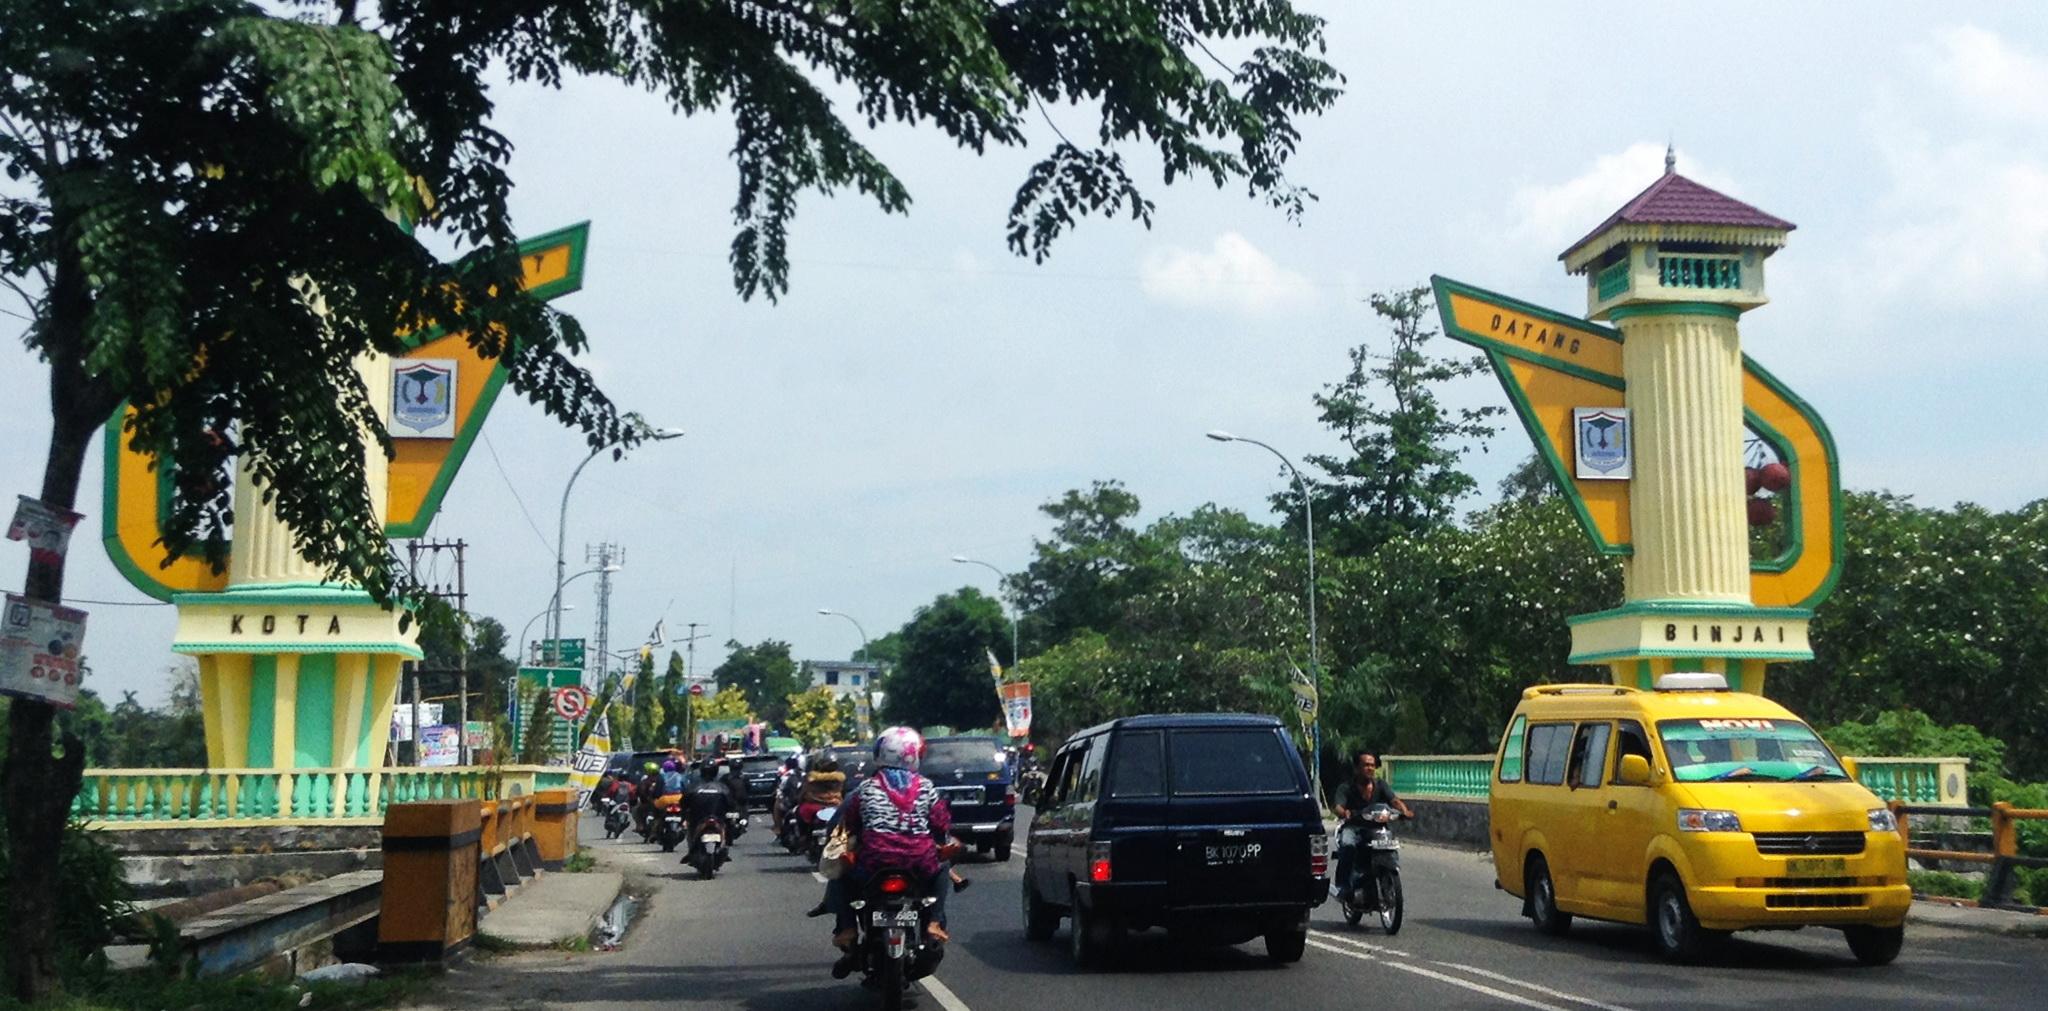 Tempat Wisata Di Binjai Langkat - Tempat Wisata Indonesia